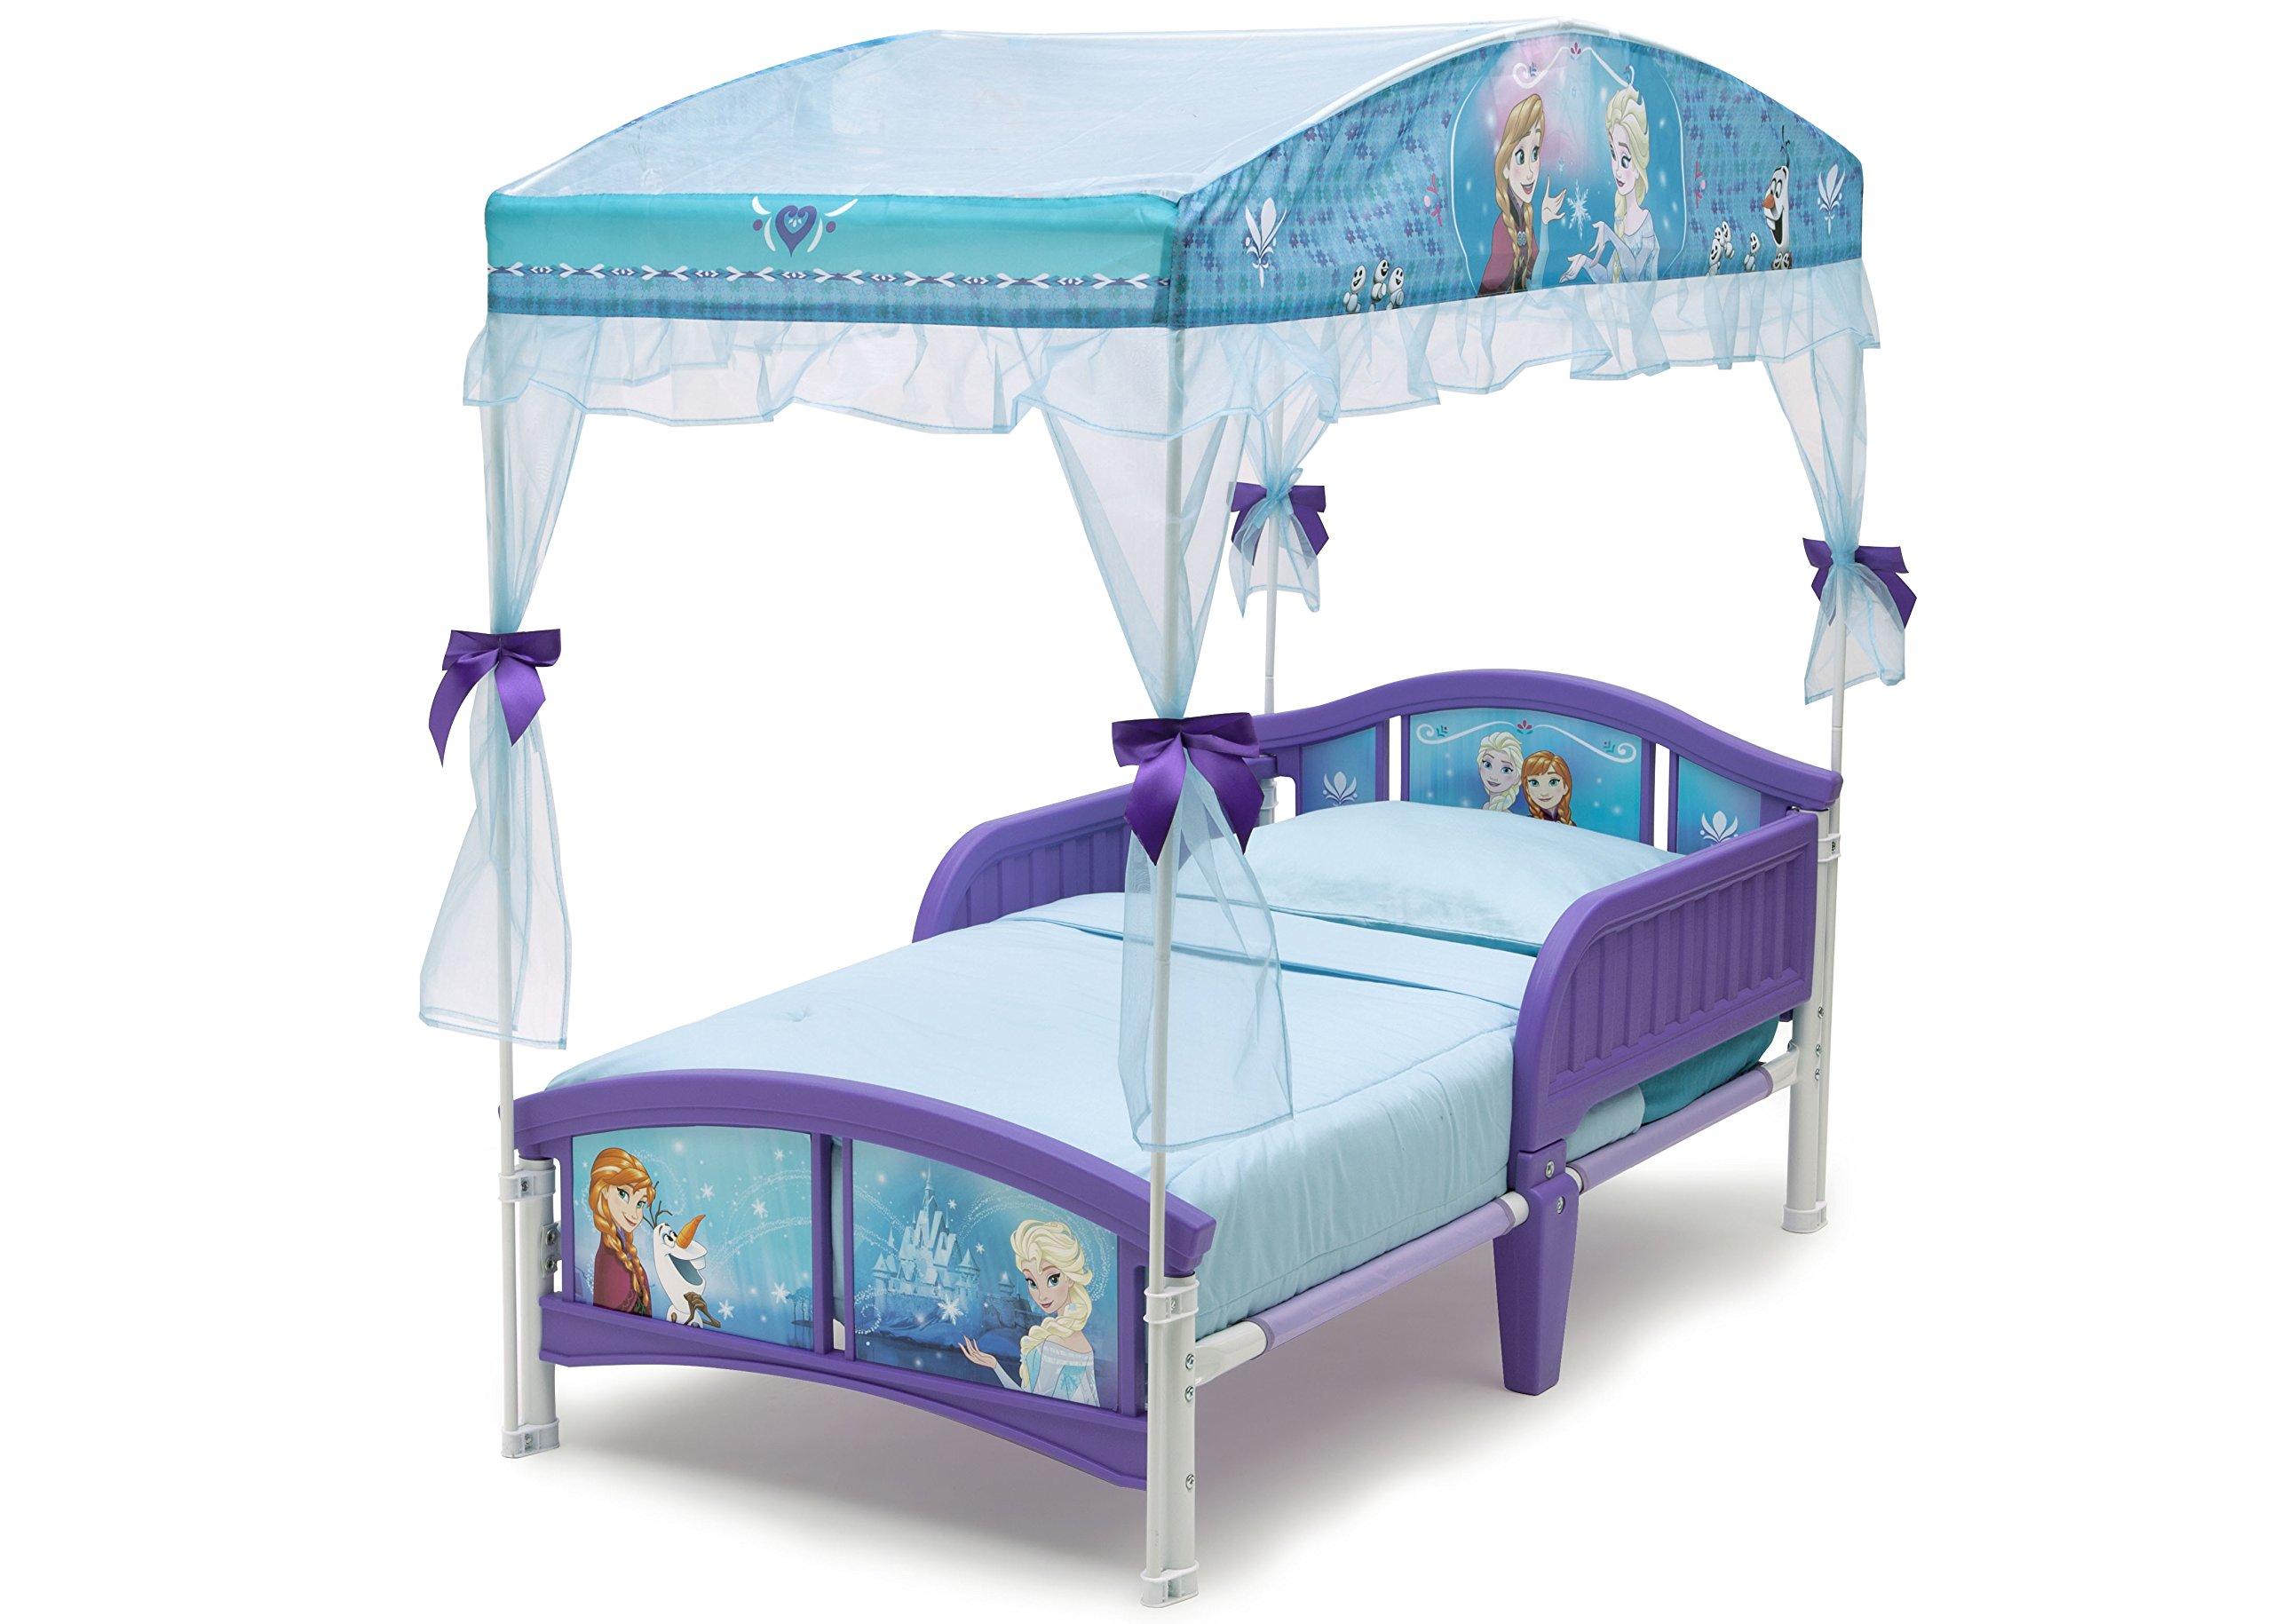 Delta Children Canopy Toddler Bed, Disney Frozen by Delta Children (Image #2)